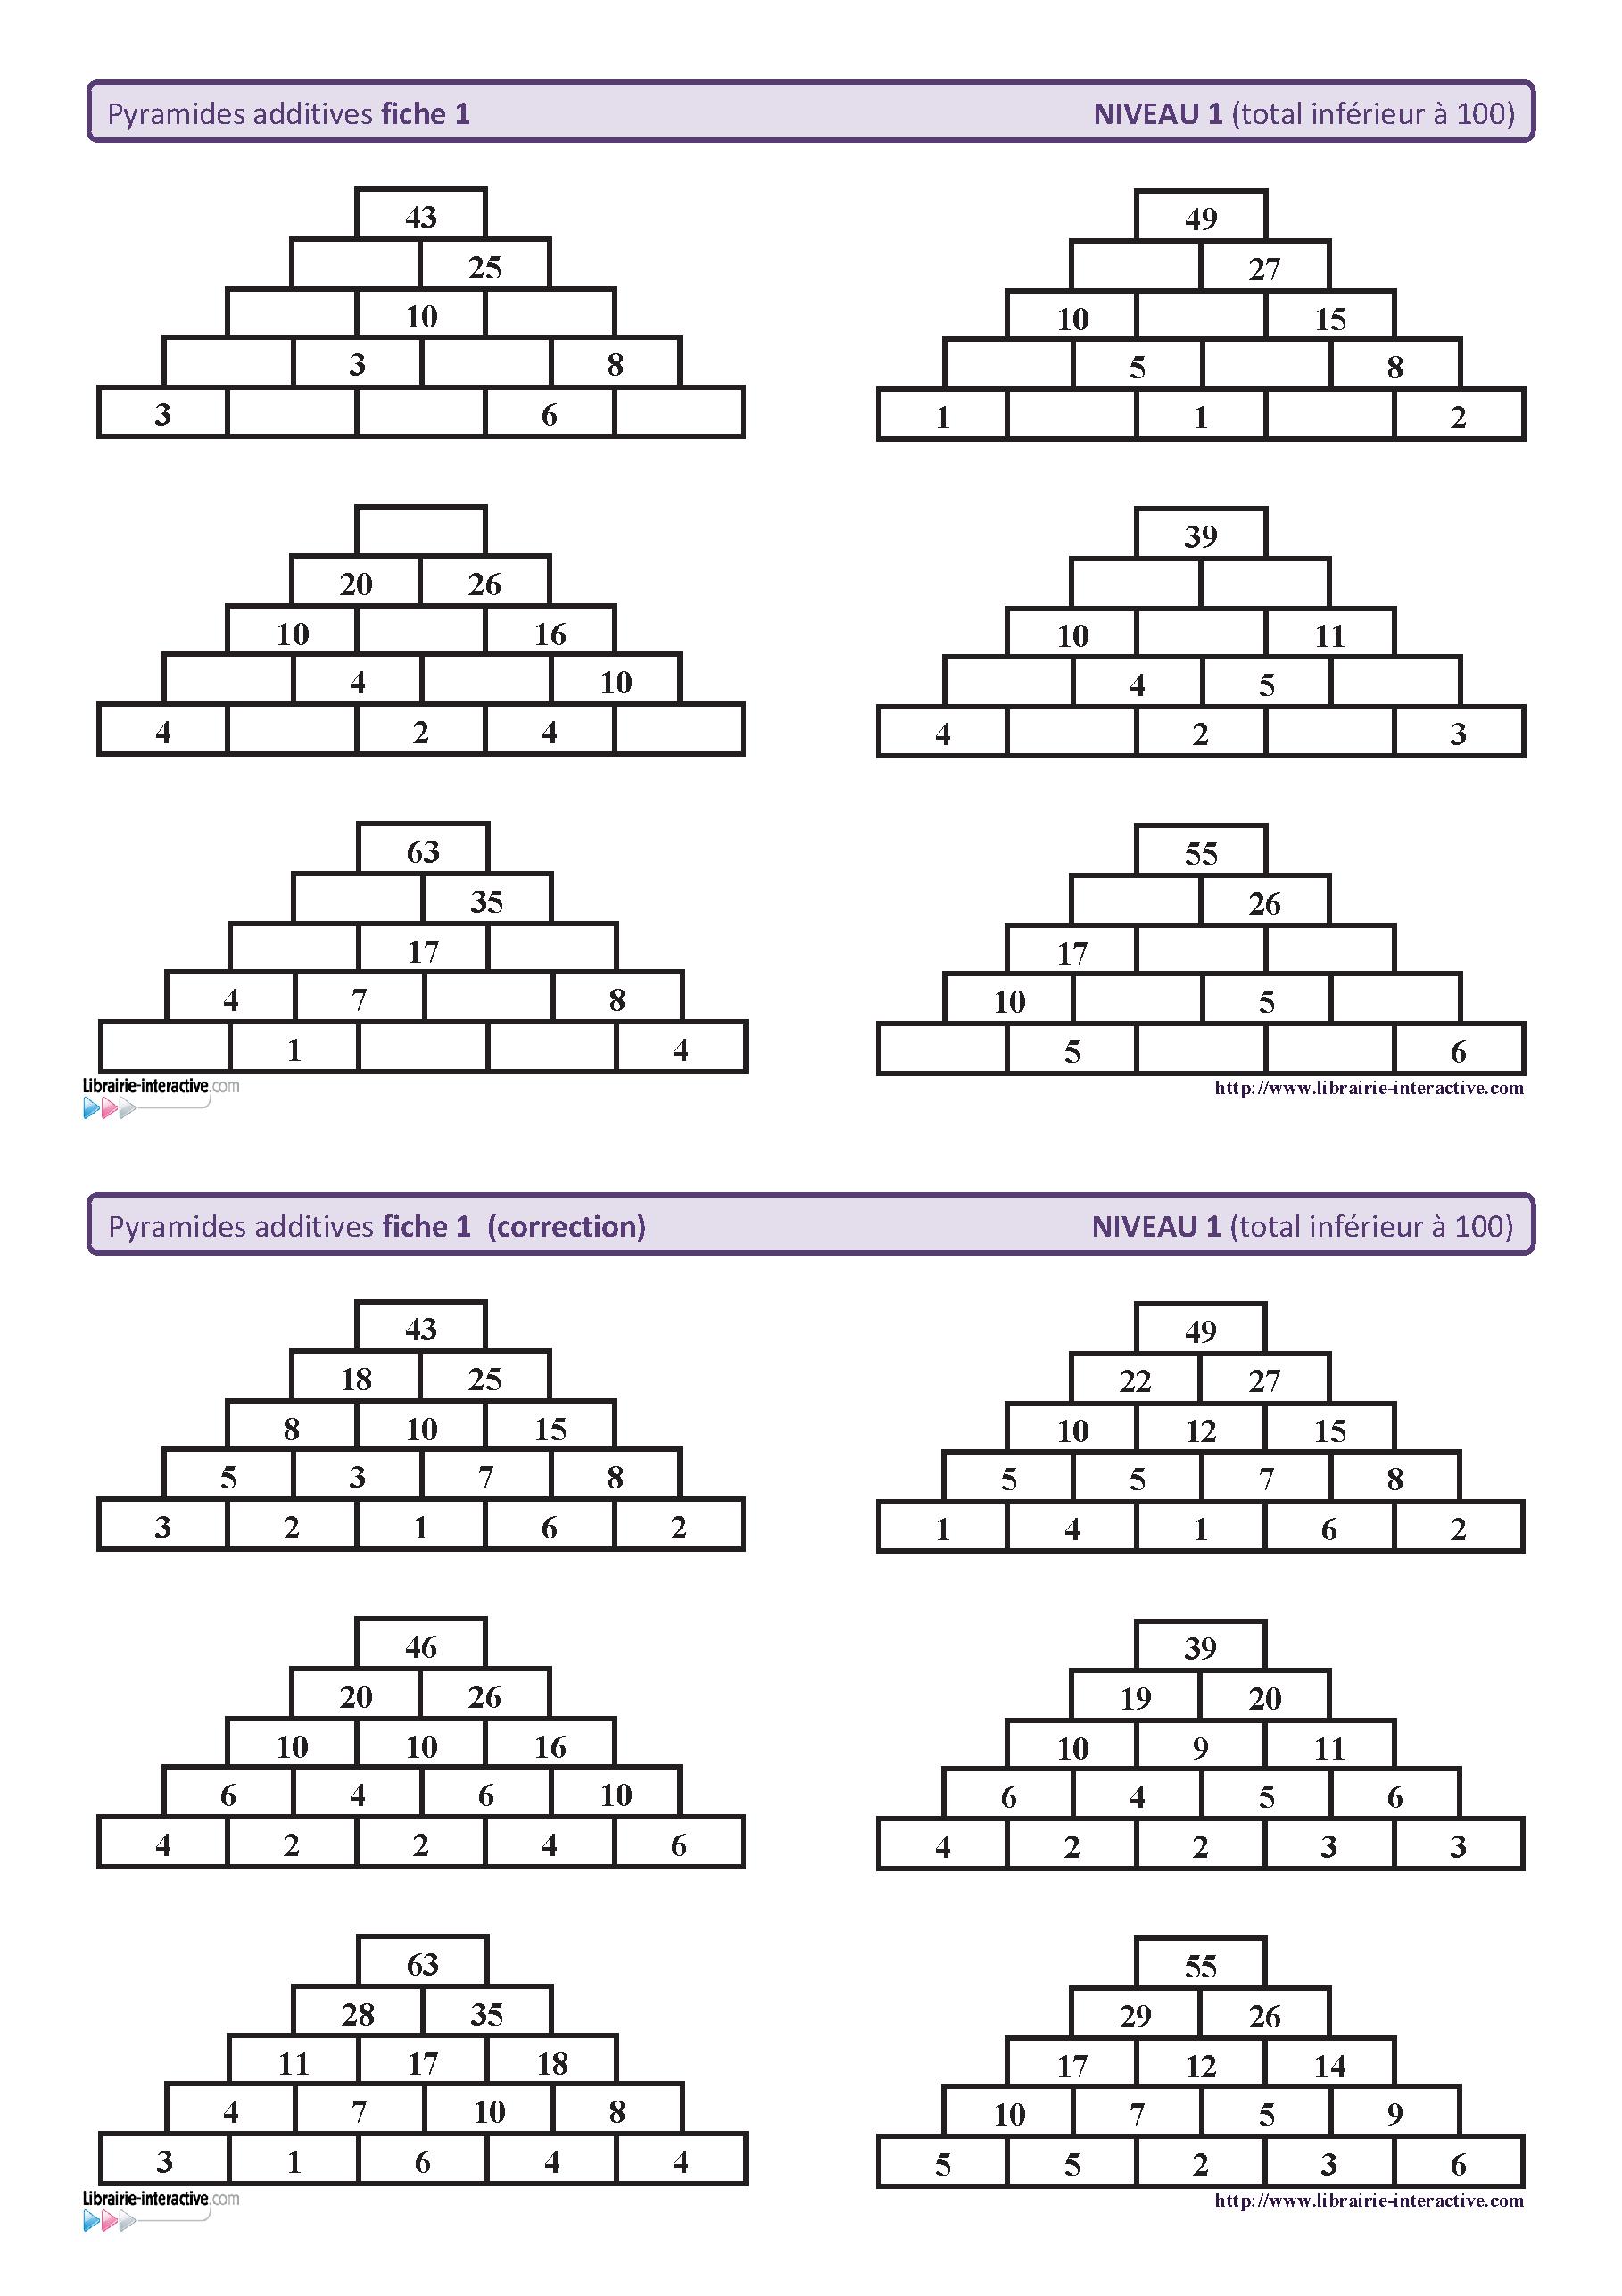 10 fiches autocorrectives avec des pyramides additives de niveau 1 ...